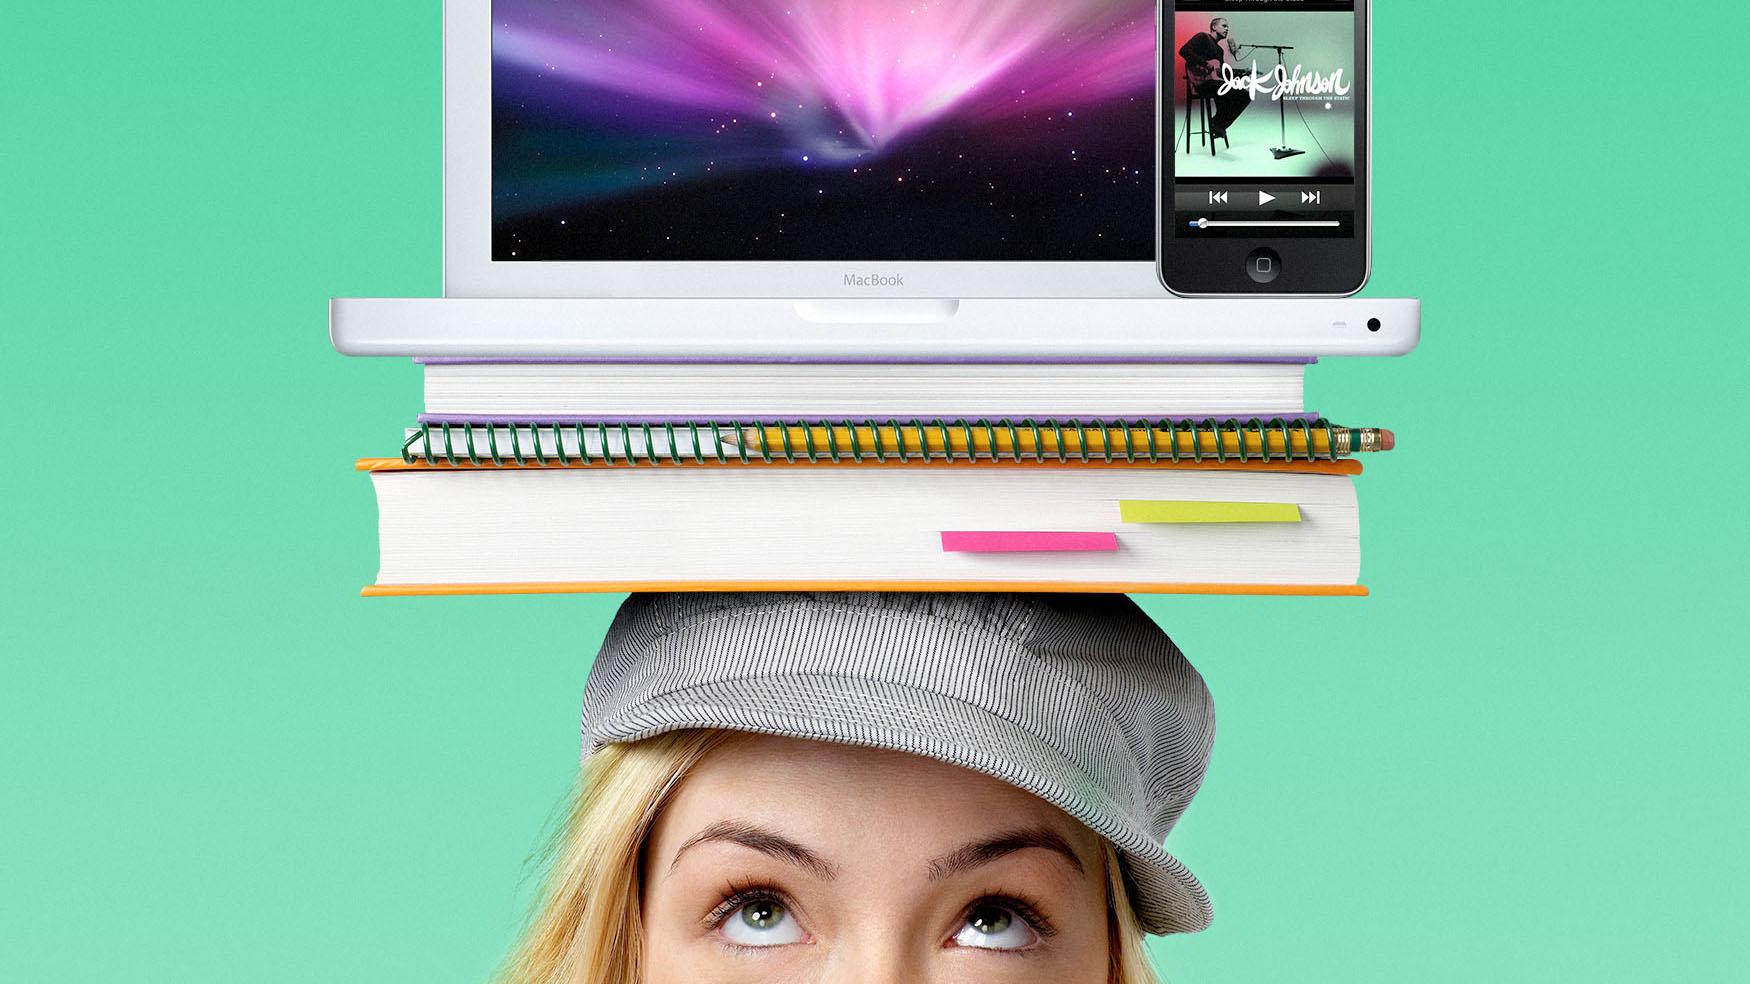 Operazione ritorno scuola Apple: cuffie Beats Solo2 gratis per studenti e docenti che comprano Mac